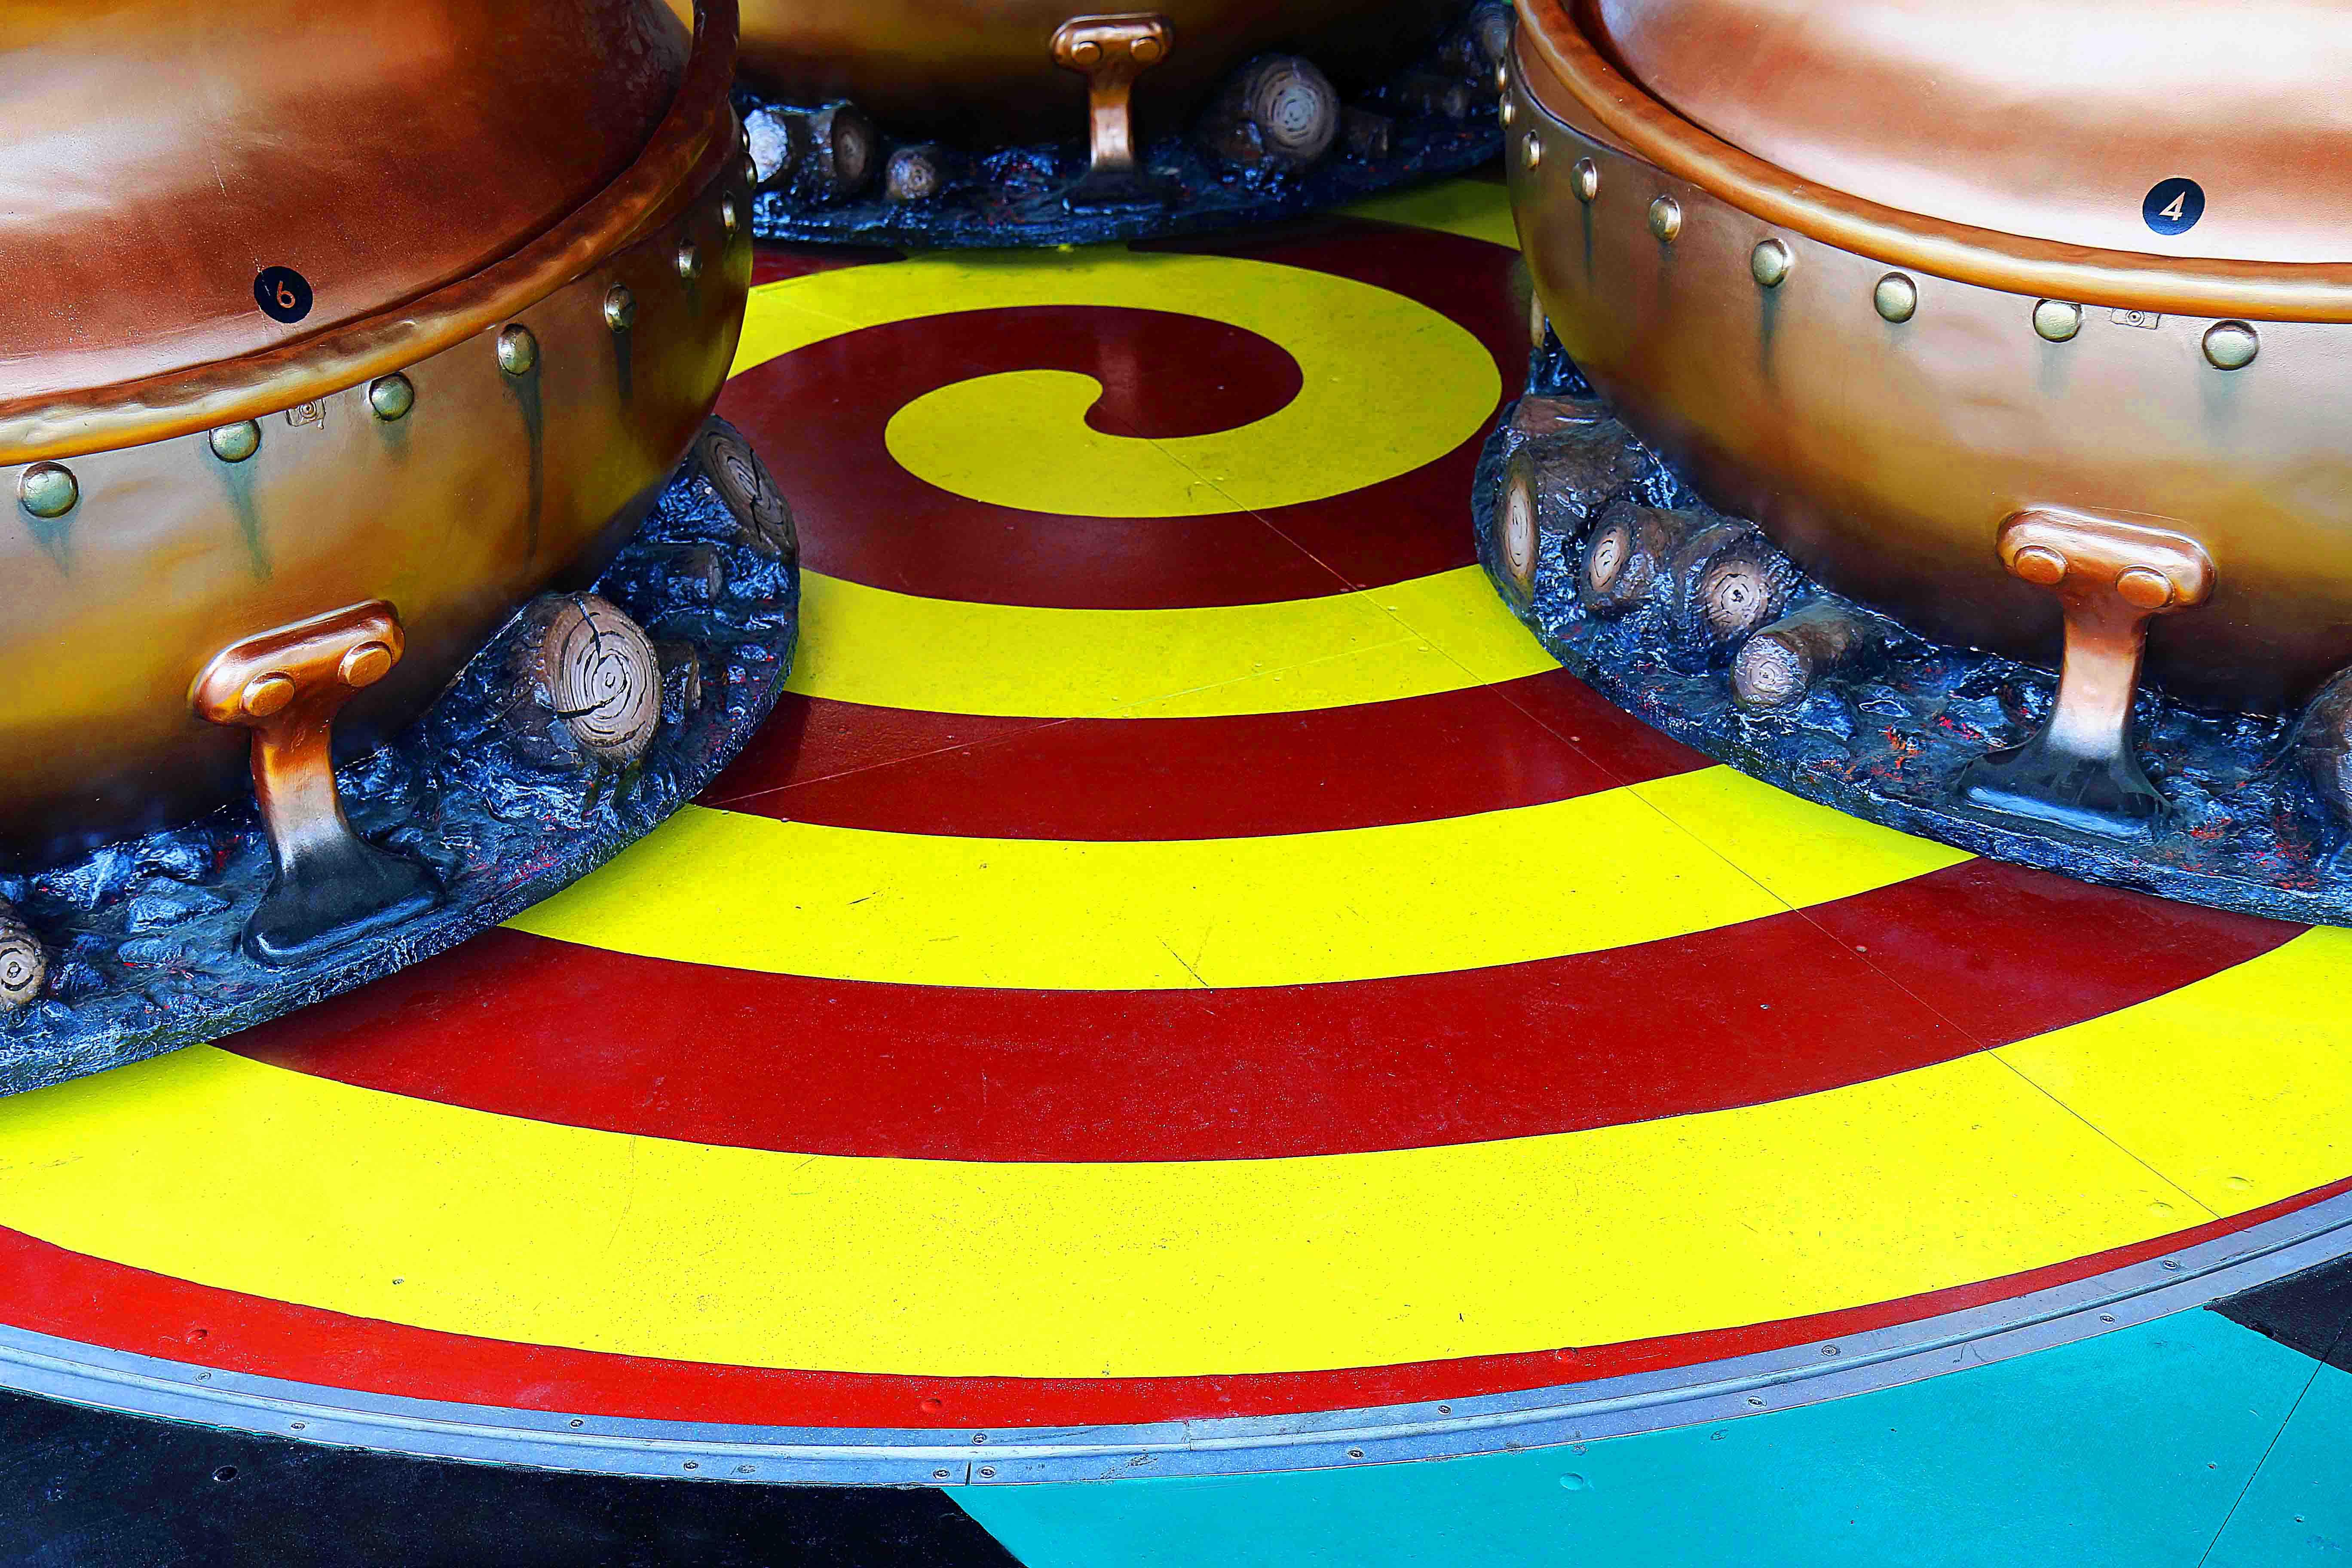 Décoration de tourbillons de l'attraction les chaudrons magiques réalisé au parc astérix par frederic michel langlet